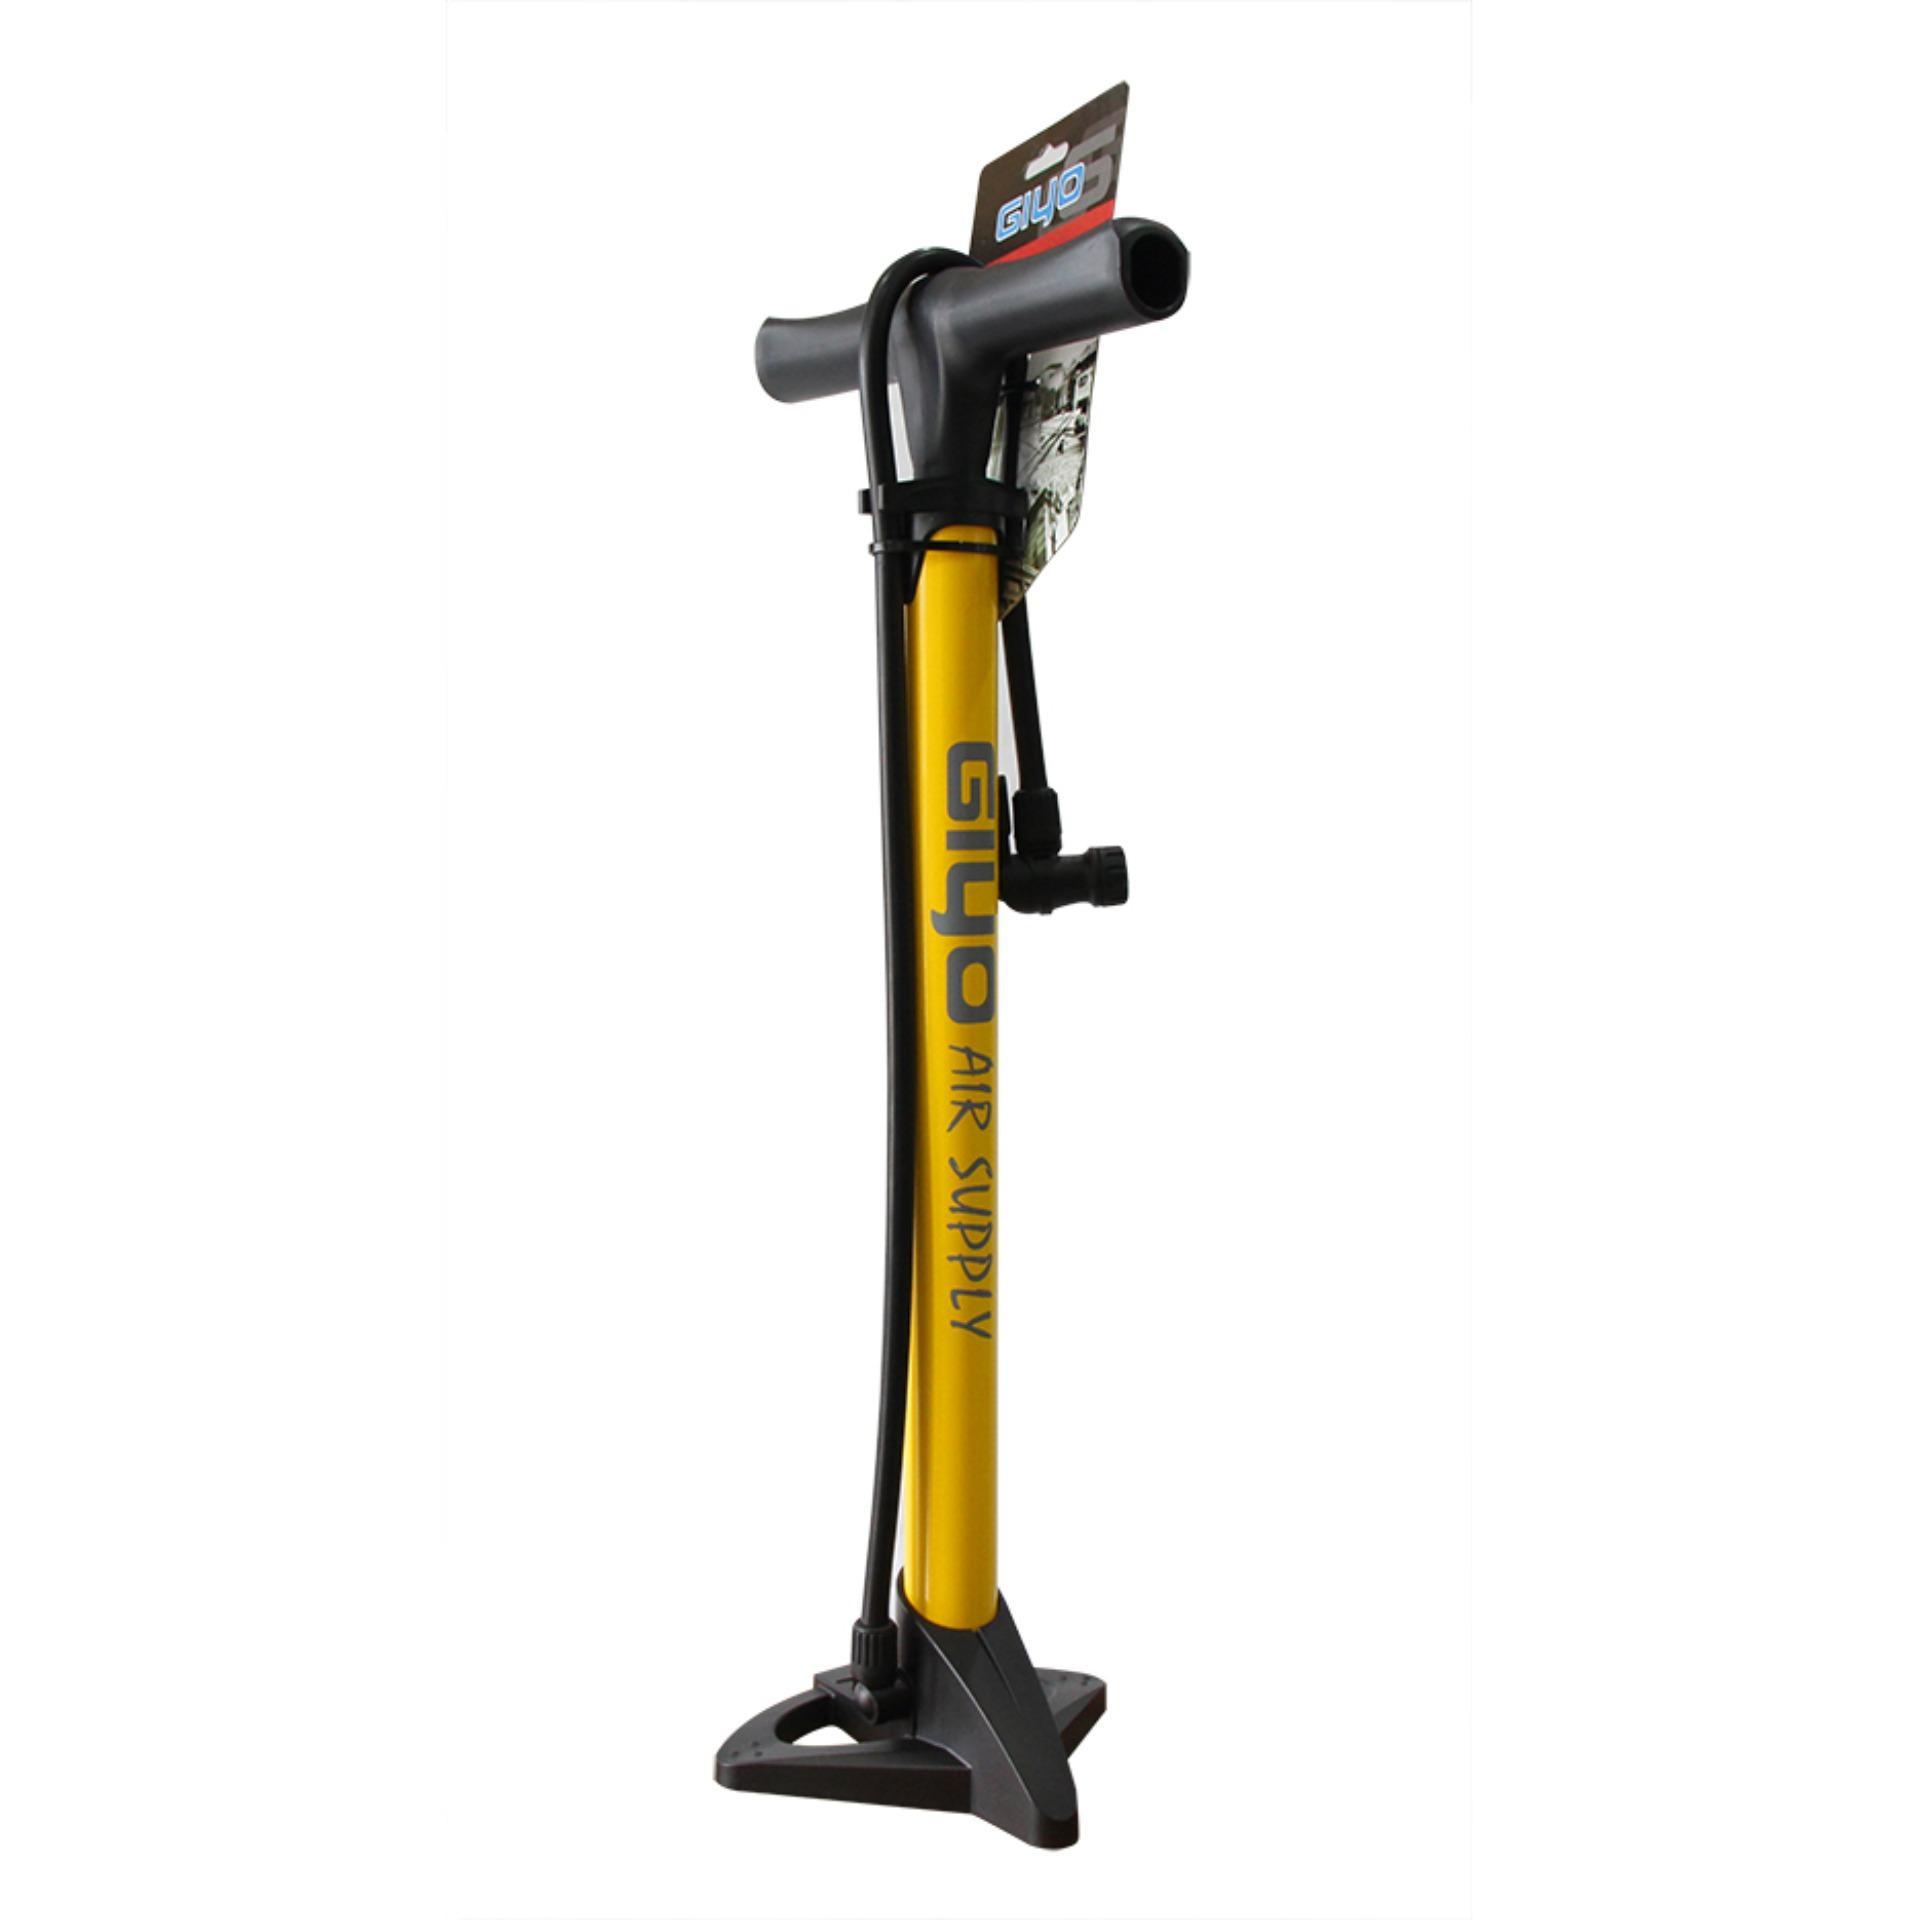 Bơm sàn xe đạp GIYO GF-37 (Vàng)